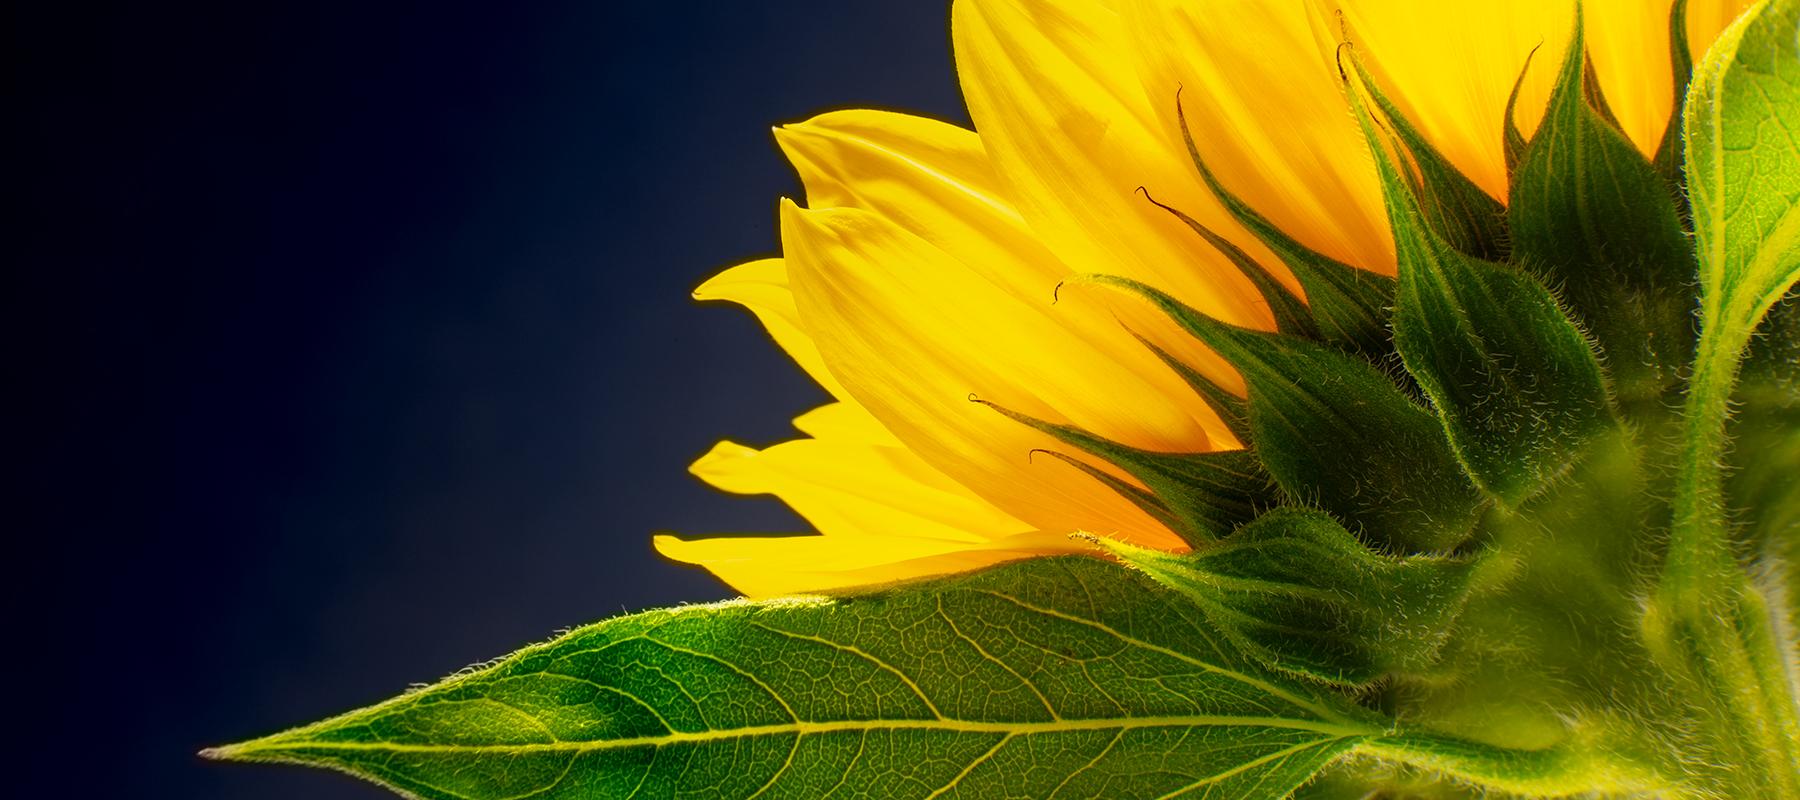 Sunflower Detail, Cambridge - Russ Gostelow Photography